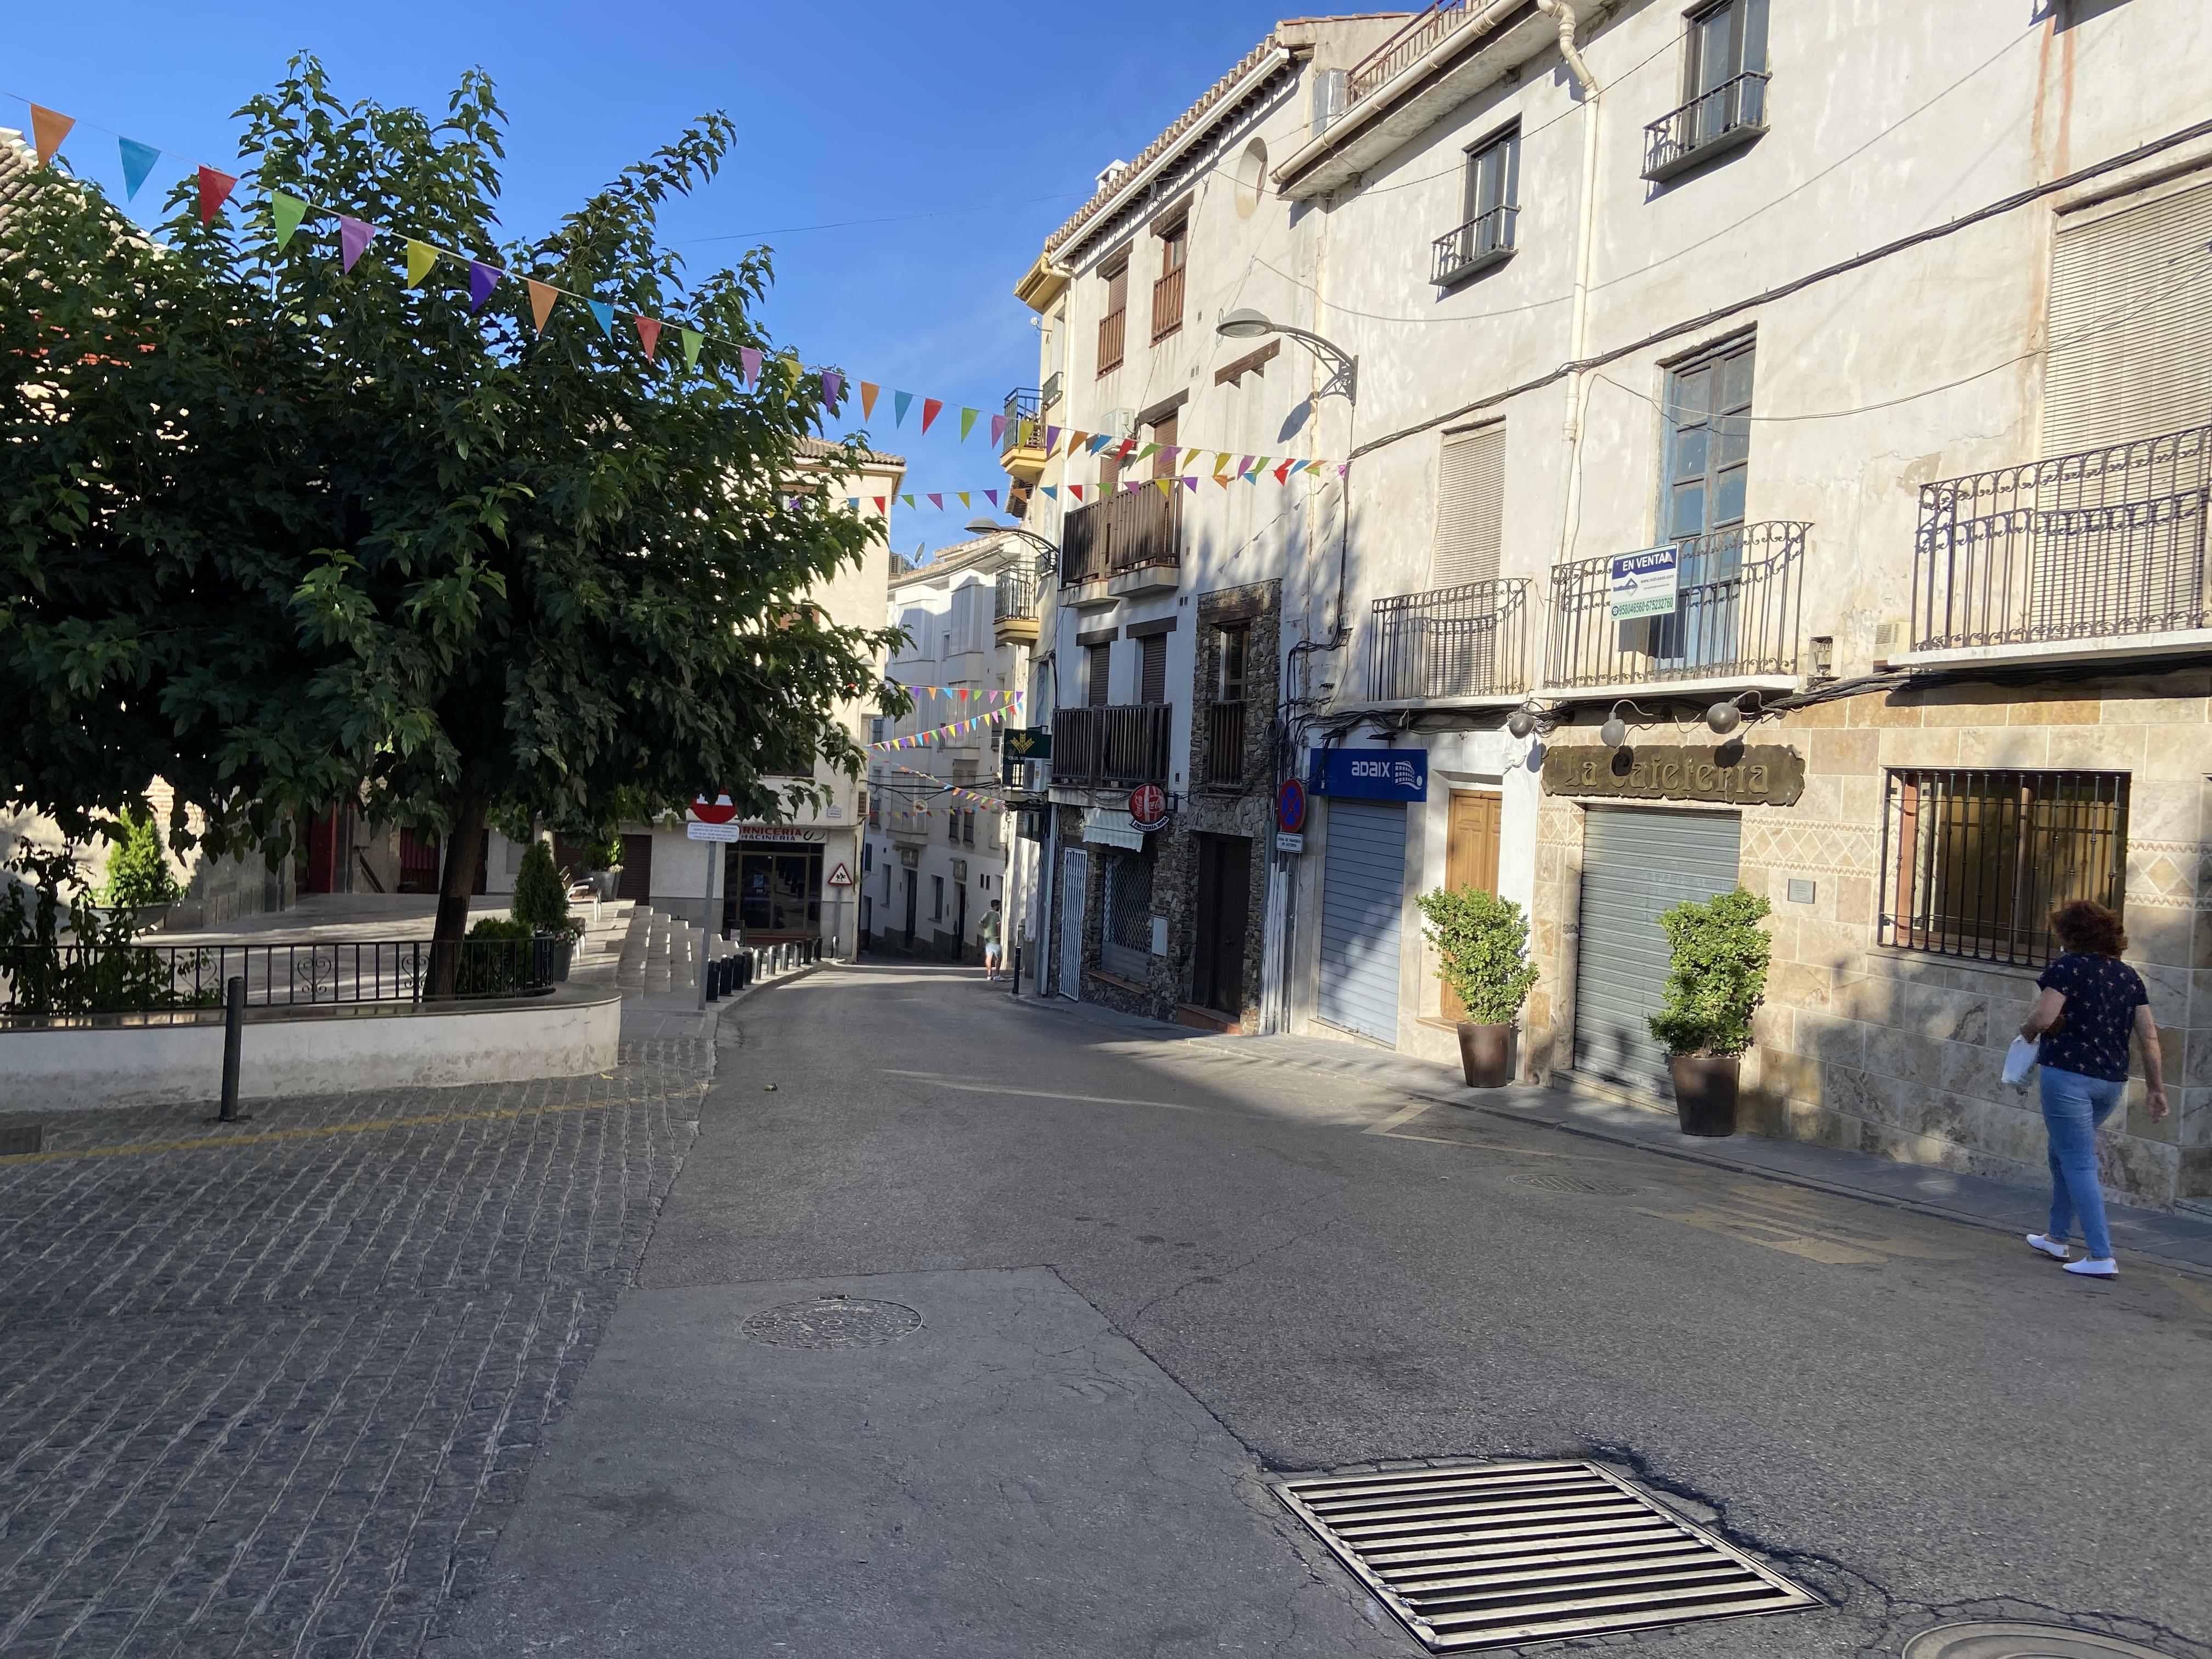 Güéjar Sierra proyecta la renovación integral de la Avenida Duque San Pedro Galatino